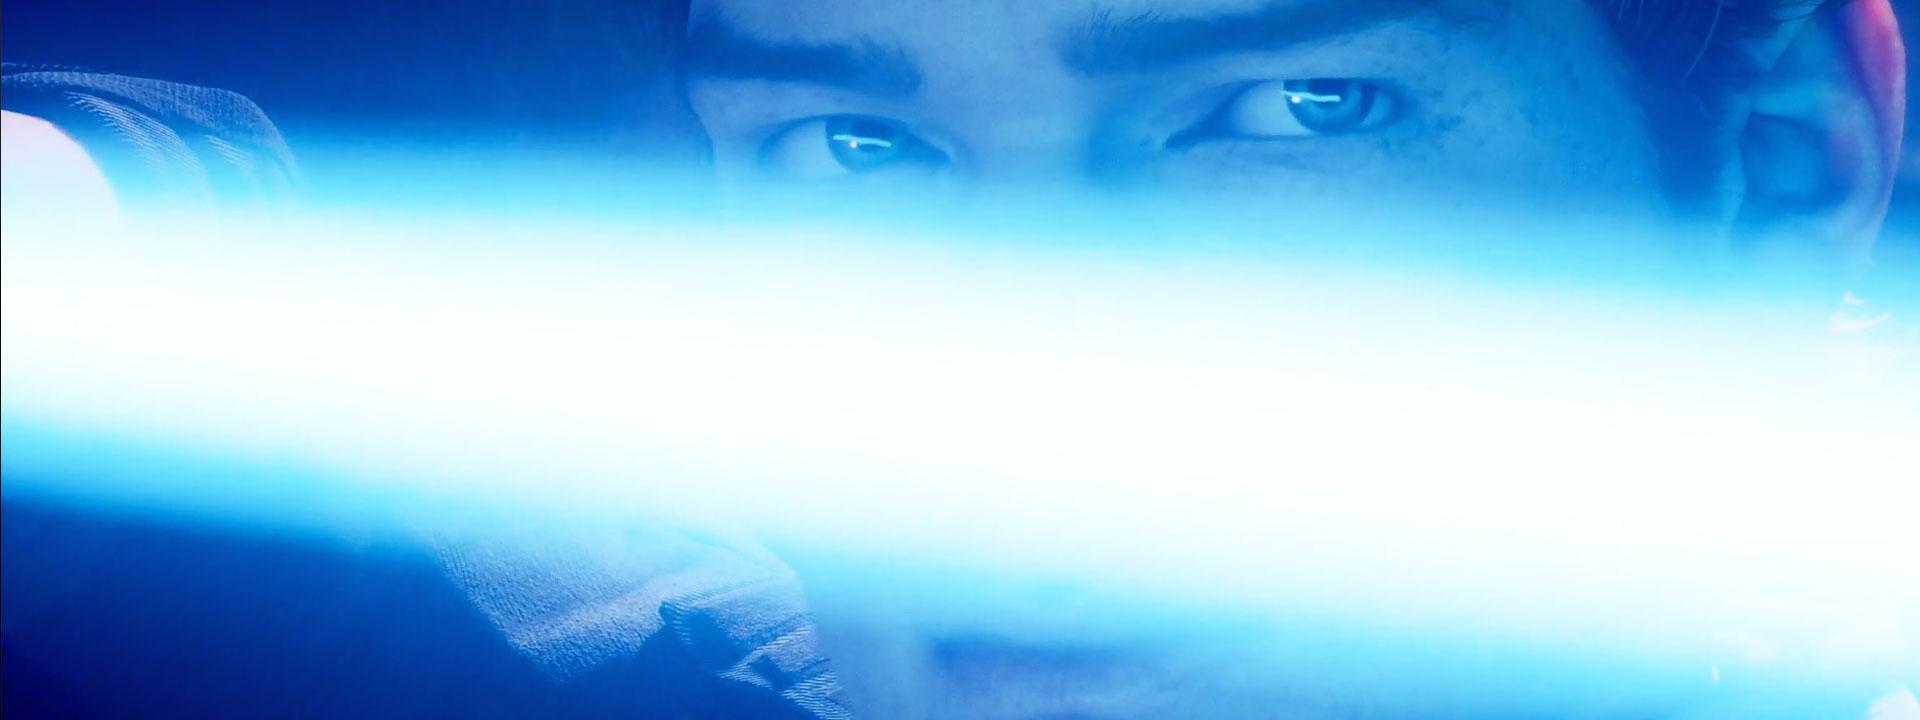 Κοντινή όψη του Καλ Κέστις που κρατάει φωτόσπαθο μπροστά από το πρόσωπό του